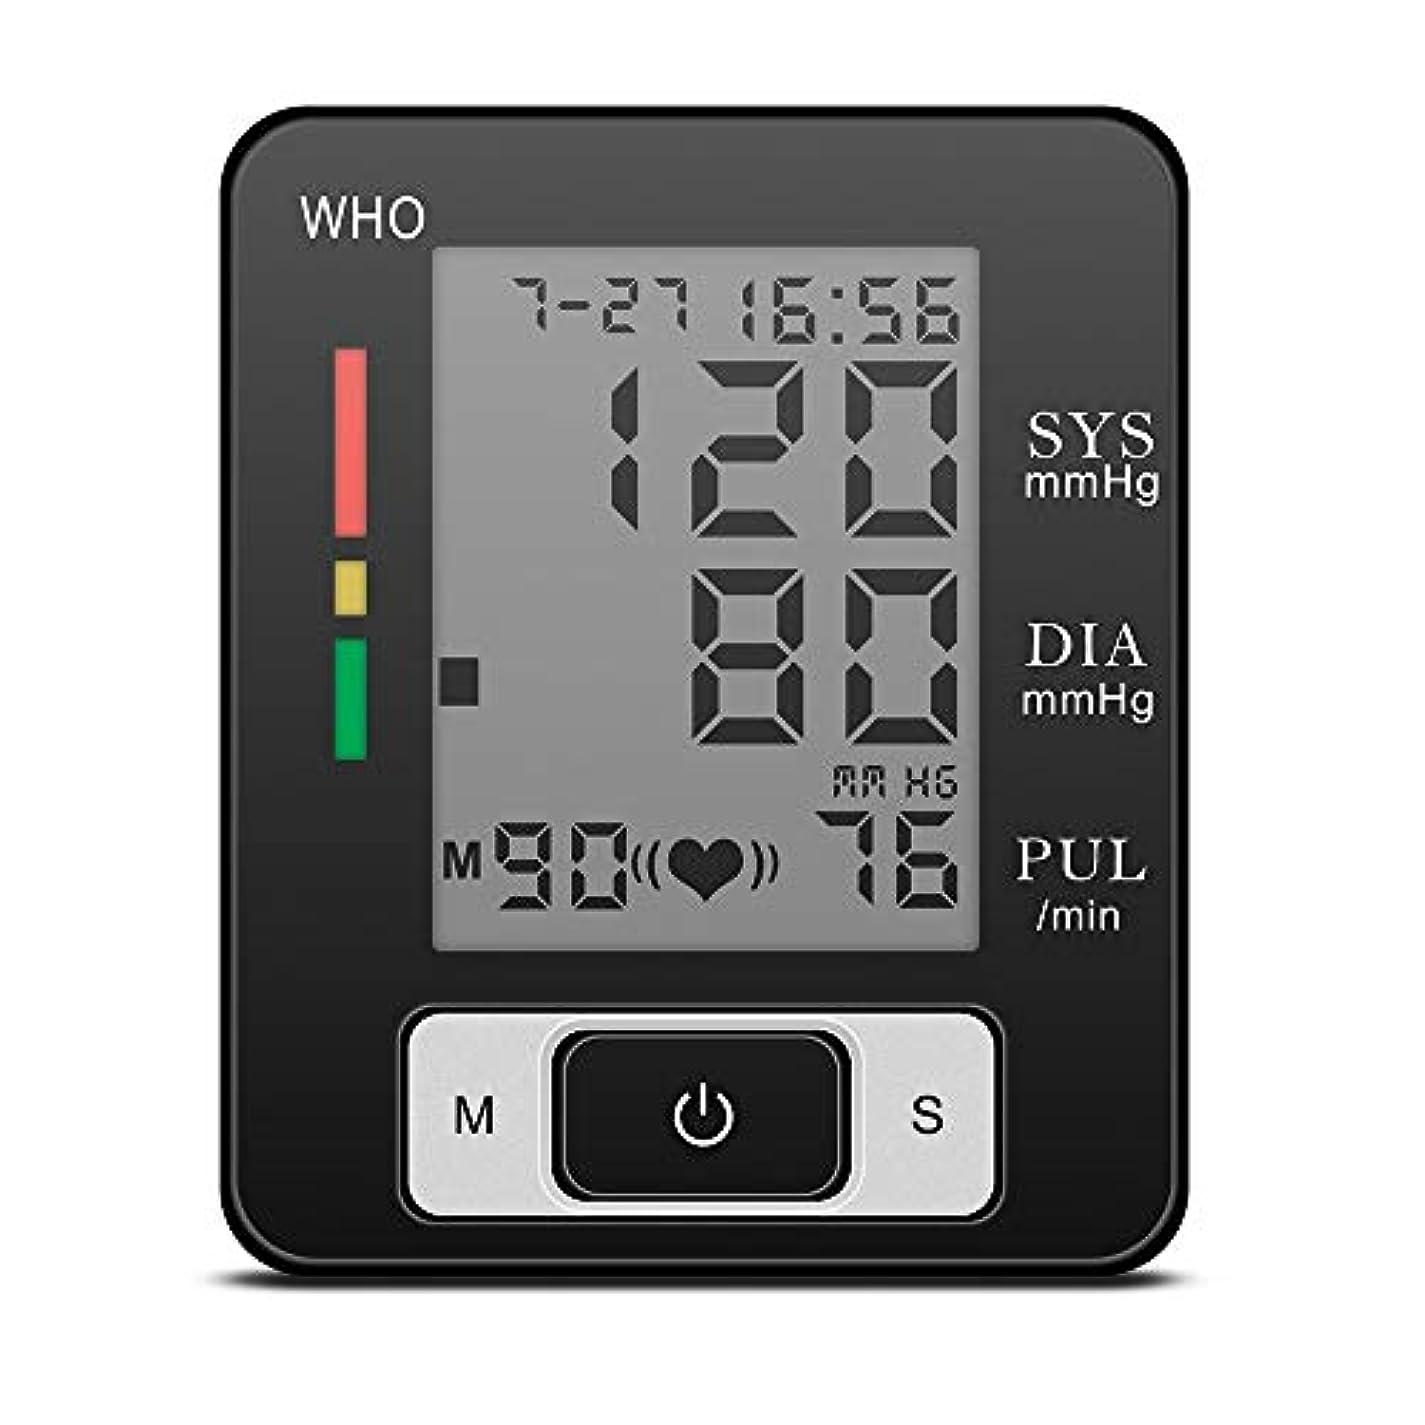 許さない母性みなさん血圧計 手首式 手首式血圧計 使いやすい 家庭用 贈り物 プレゼント ギフト最適